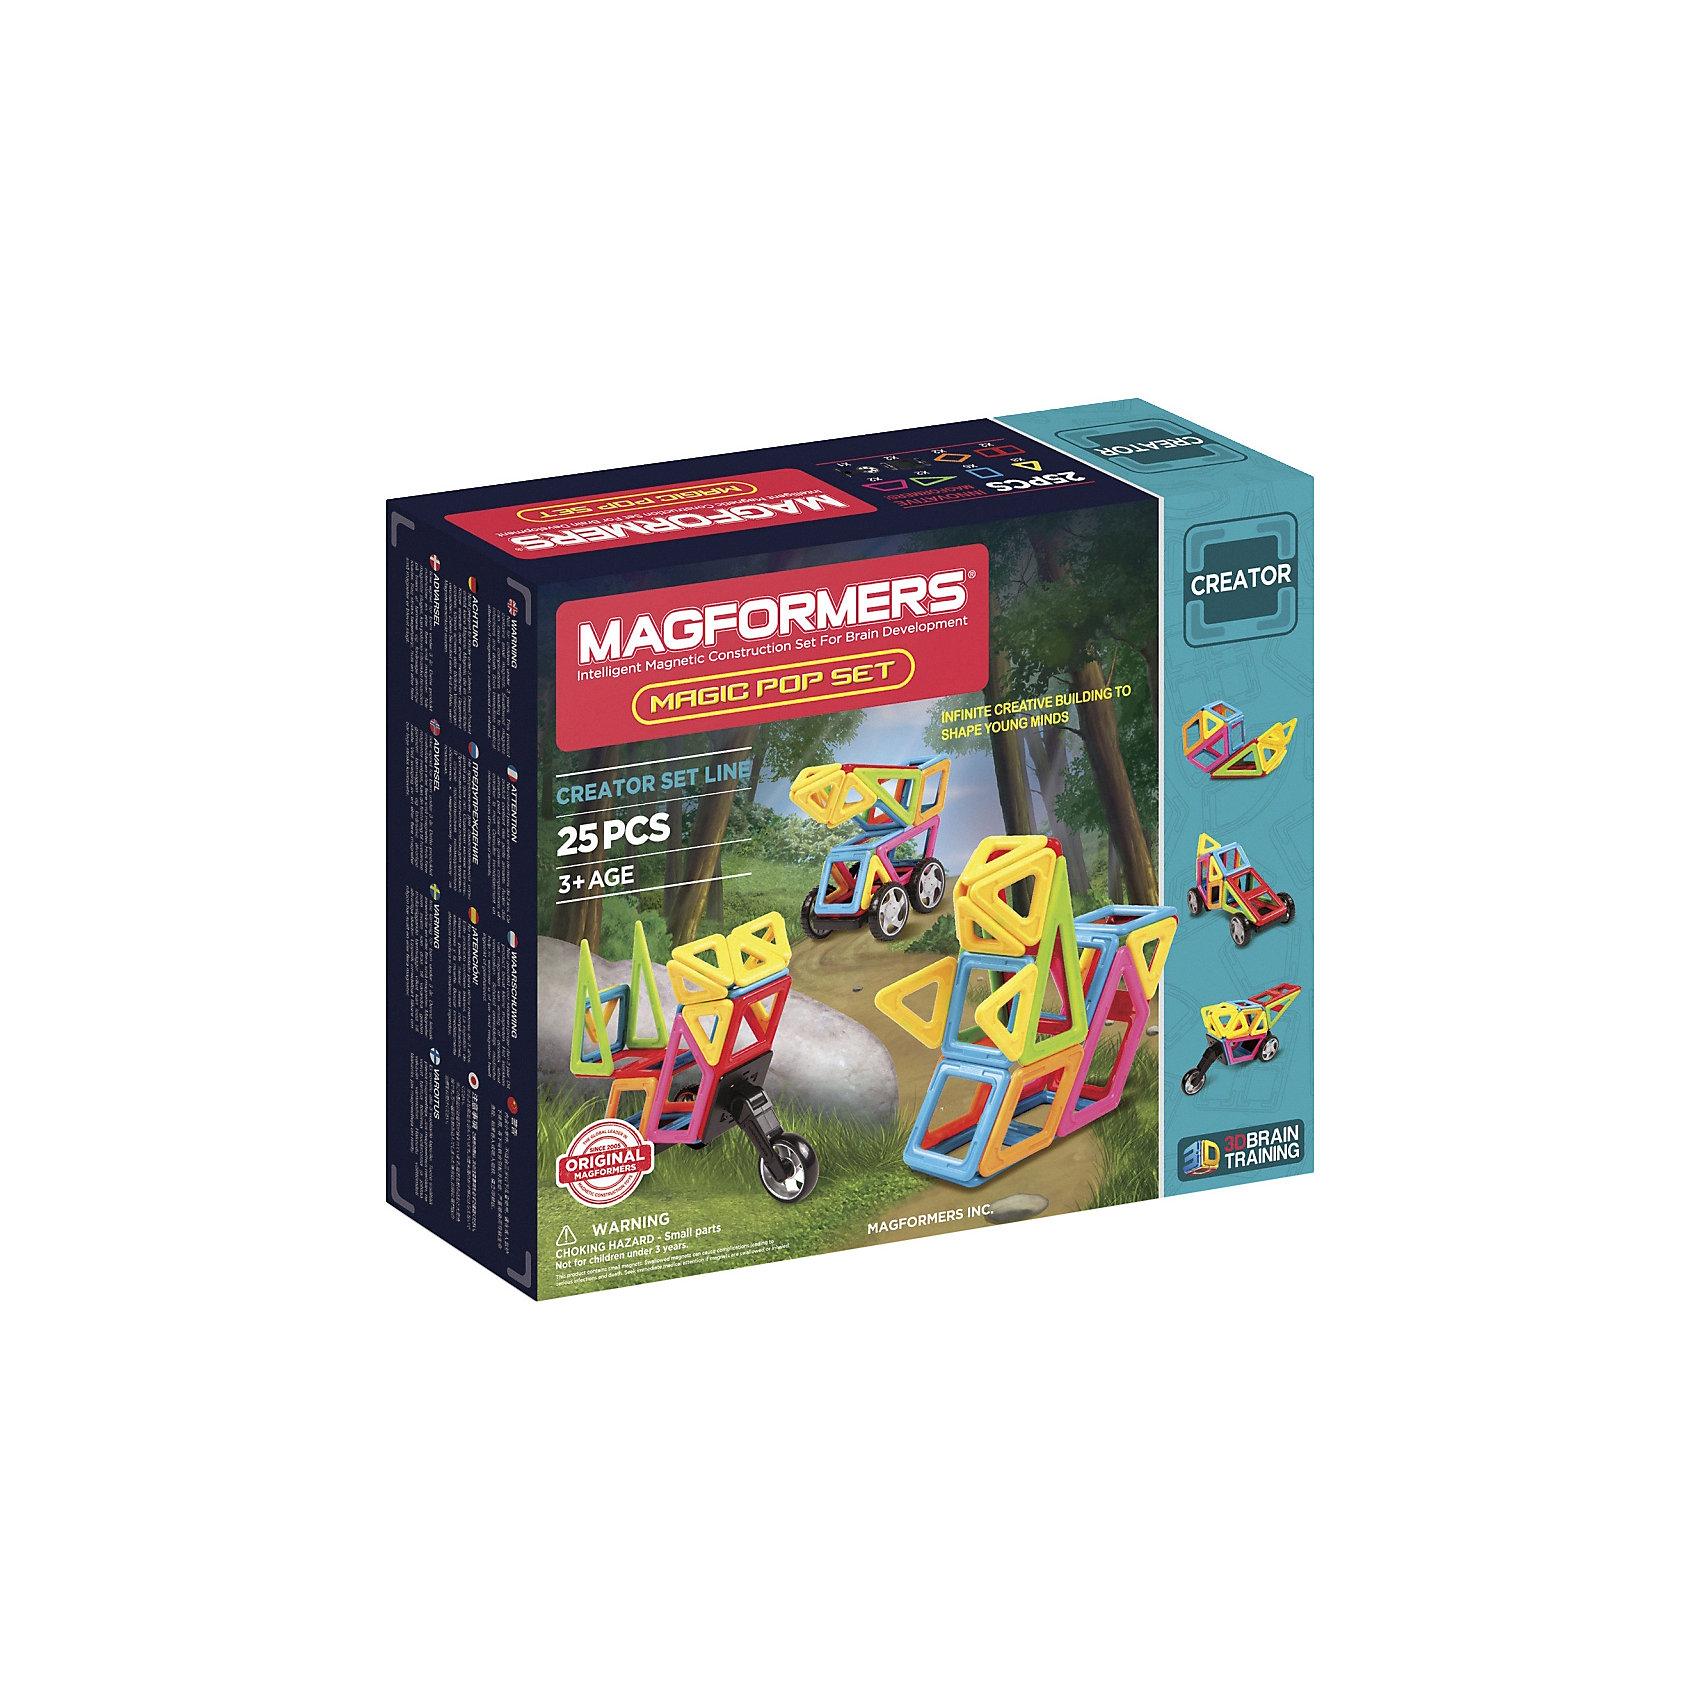 Магнитный конструктор Magic Pop, 25 деталей, MAGFORMERSМагнитные конструкторы<br>Магнитный конструктор Magic Pop - это увлекательный развивающий набор, который обязательно понравится детям. Конструктор содержит 25 ярких и различных форм, из которых можно создать практически любую объемную модель, среди которых автомобили, мотоциклы, животные, техника и всё, что подскажет фантазия ребёнка. Благодаря колесам, входящим в набор, все транспортные средства смогут ездить. Игра с набором развивает логическое мышление, моторику, фантазию и внимание. <br><br>Дополнительная информация:<br><br>- Материал: пластик, магнит.<br>- Размер: 28,5 х 24 х 5 см.<br>- Комплектация: треугольник 8 шт, равнобедренный треугольник 2 шт, квадрат 6 шт, прямоугольник 2 шт, ромб 2 шт, трапеция 2 шт, пара колес 2 шт, мотоциклетное колесо 1 шт.<br><br>Магнитный конструктор Magic Pop, 25 деталей, MAGFORMERS (Магформерс), можно купить в нашем магазине.<br><br>Ширина мм: 245<br>Глубина мм: 285<br>Высота мм: 85<br>Вес г: 940<br>Возраст от месяцев: 36<br>Возраст до месяцев: 96<br>Пол: Мужской<br>Возраст: Детский<br>SKU: 4310805